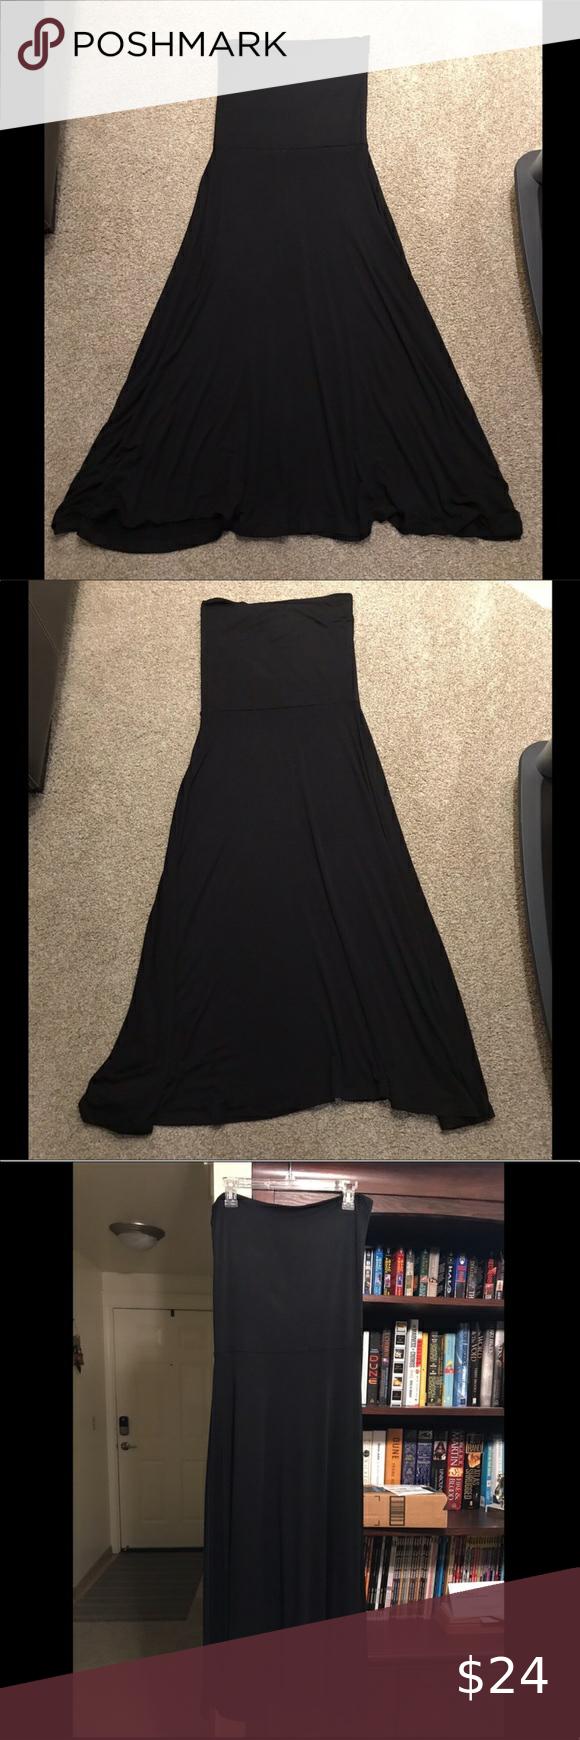 Gap Maxi Dress In 2020 Gap Maxi Dress Top Maxi Dresses Dress Size Chart Women [ 1740 x 580 Pixel ]